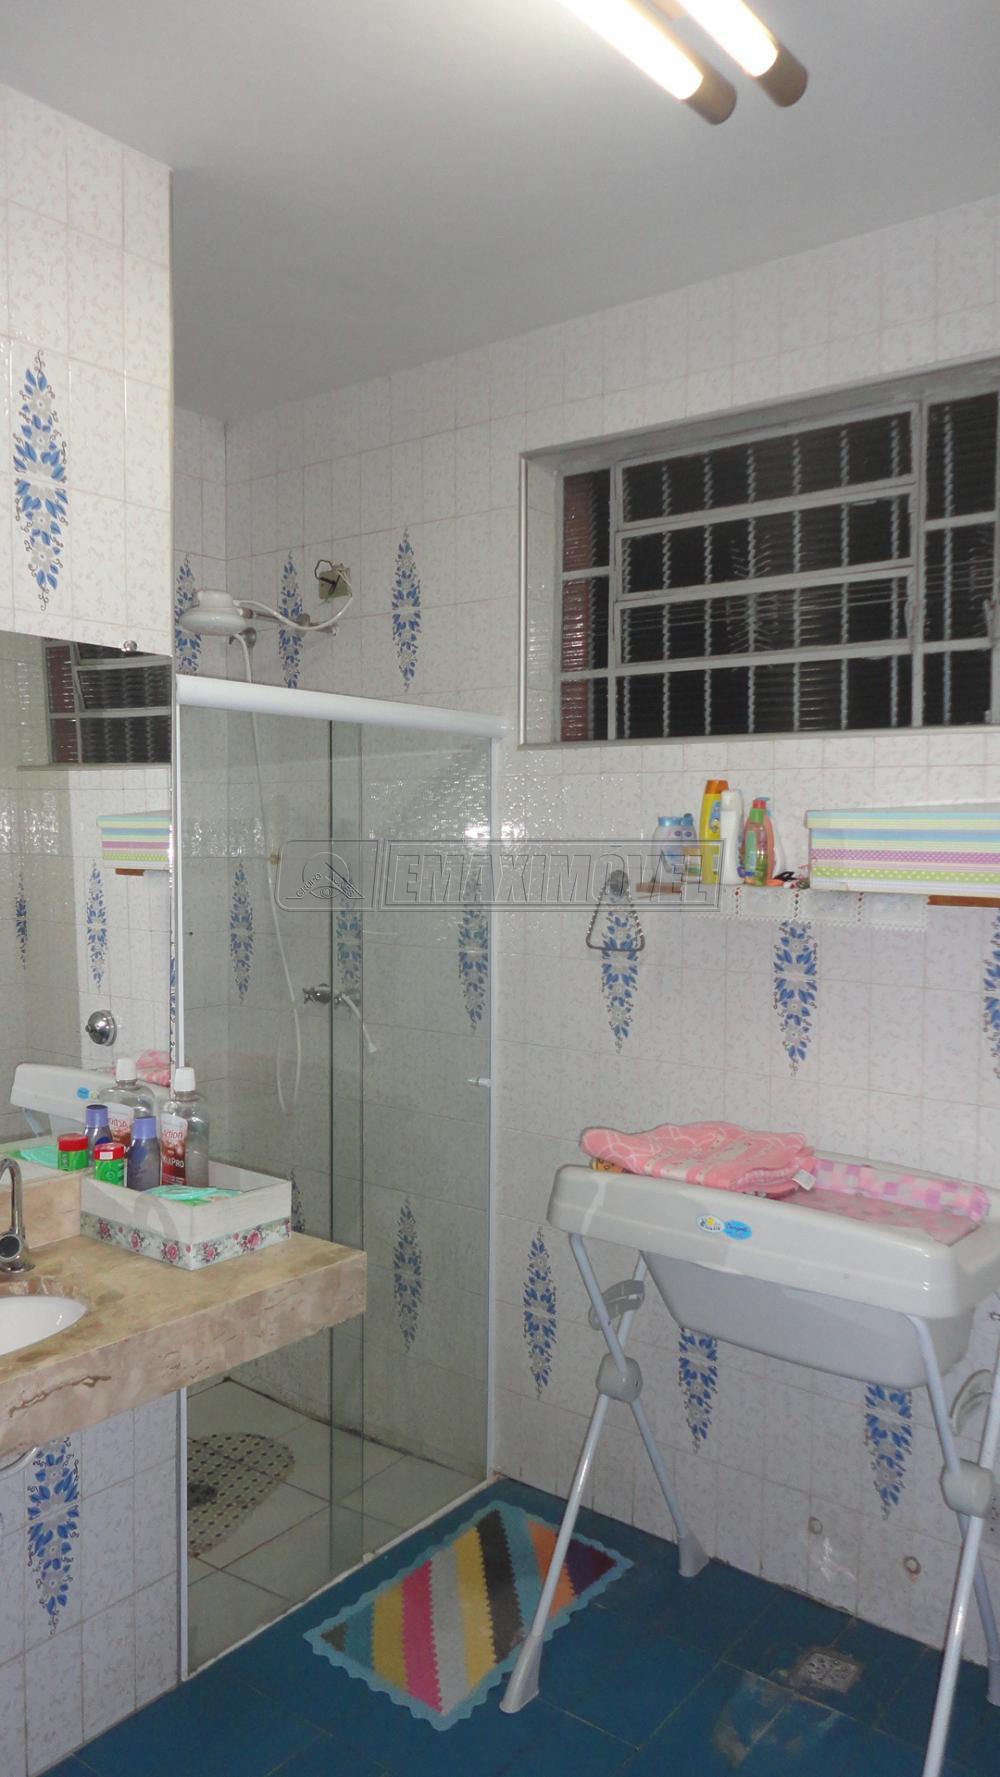 Comprar Casas / em Bairros em Sorocaba apenas R$ 580.000,00 - Foto 12